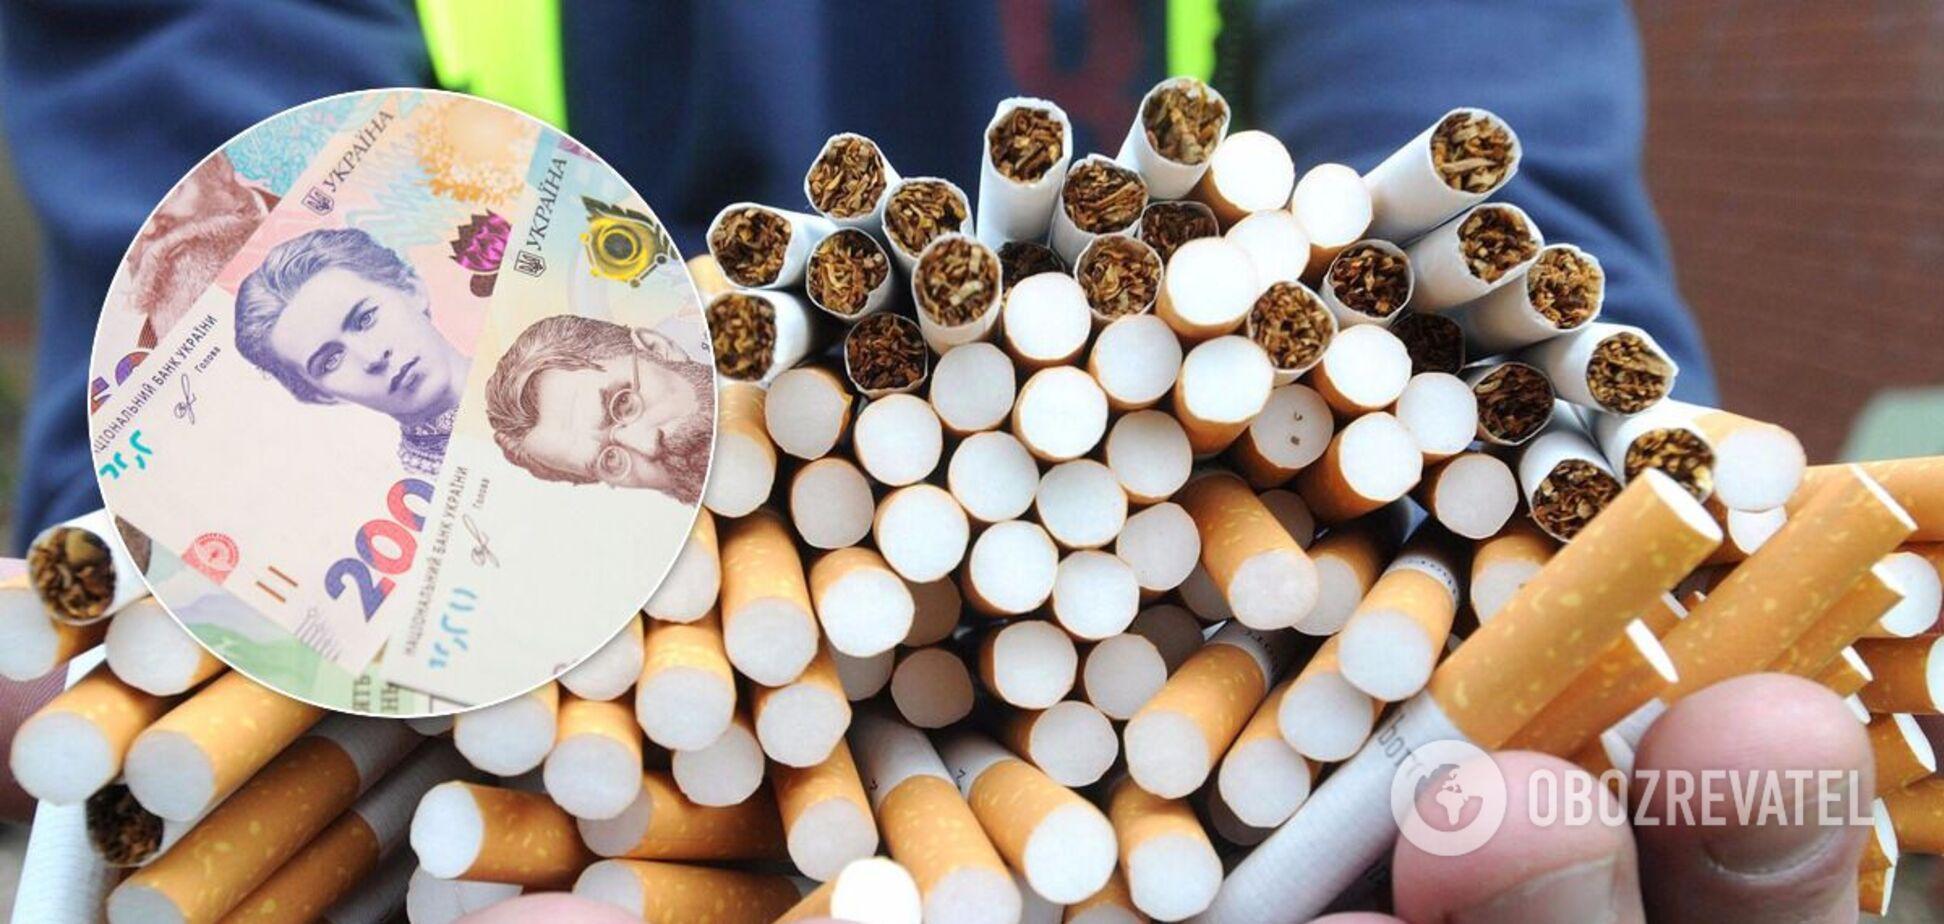 Продажі підроблених сигарет в Україні побили рекорд за 6 років